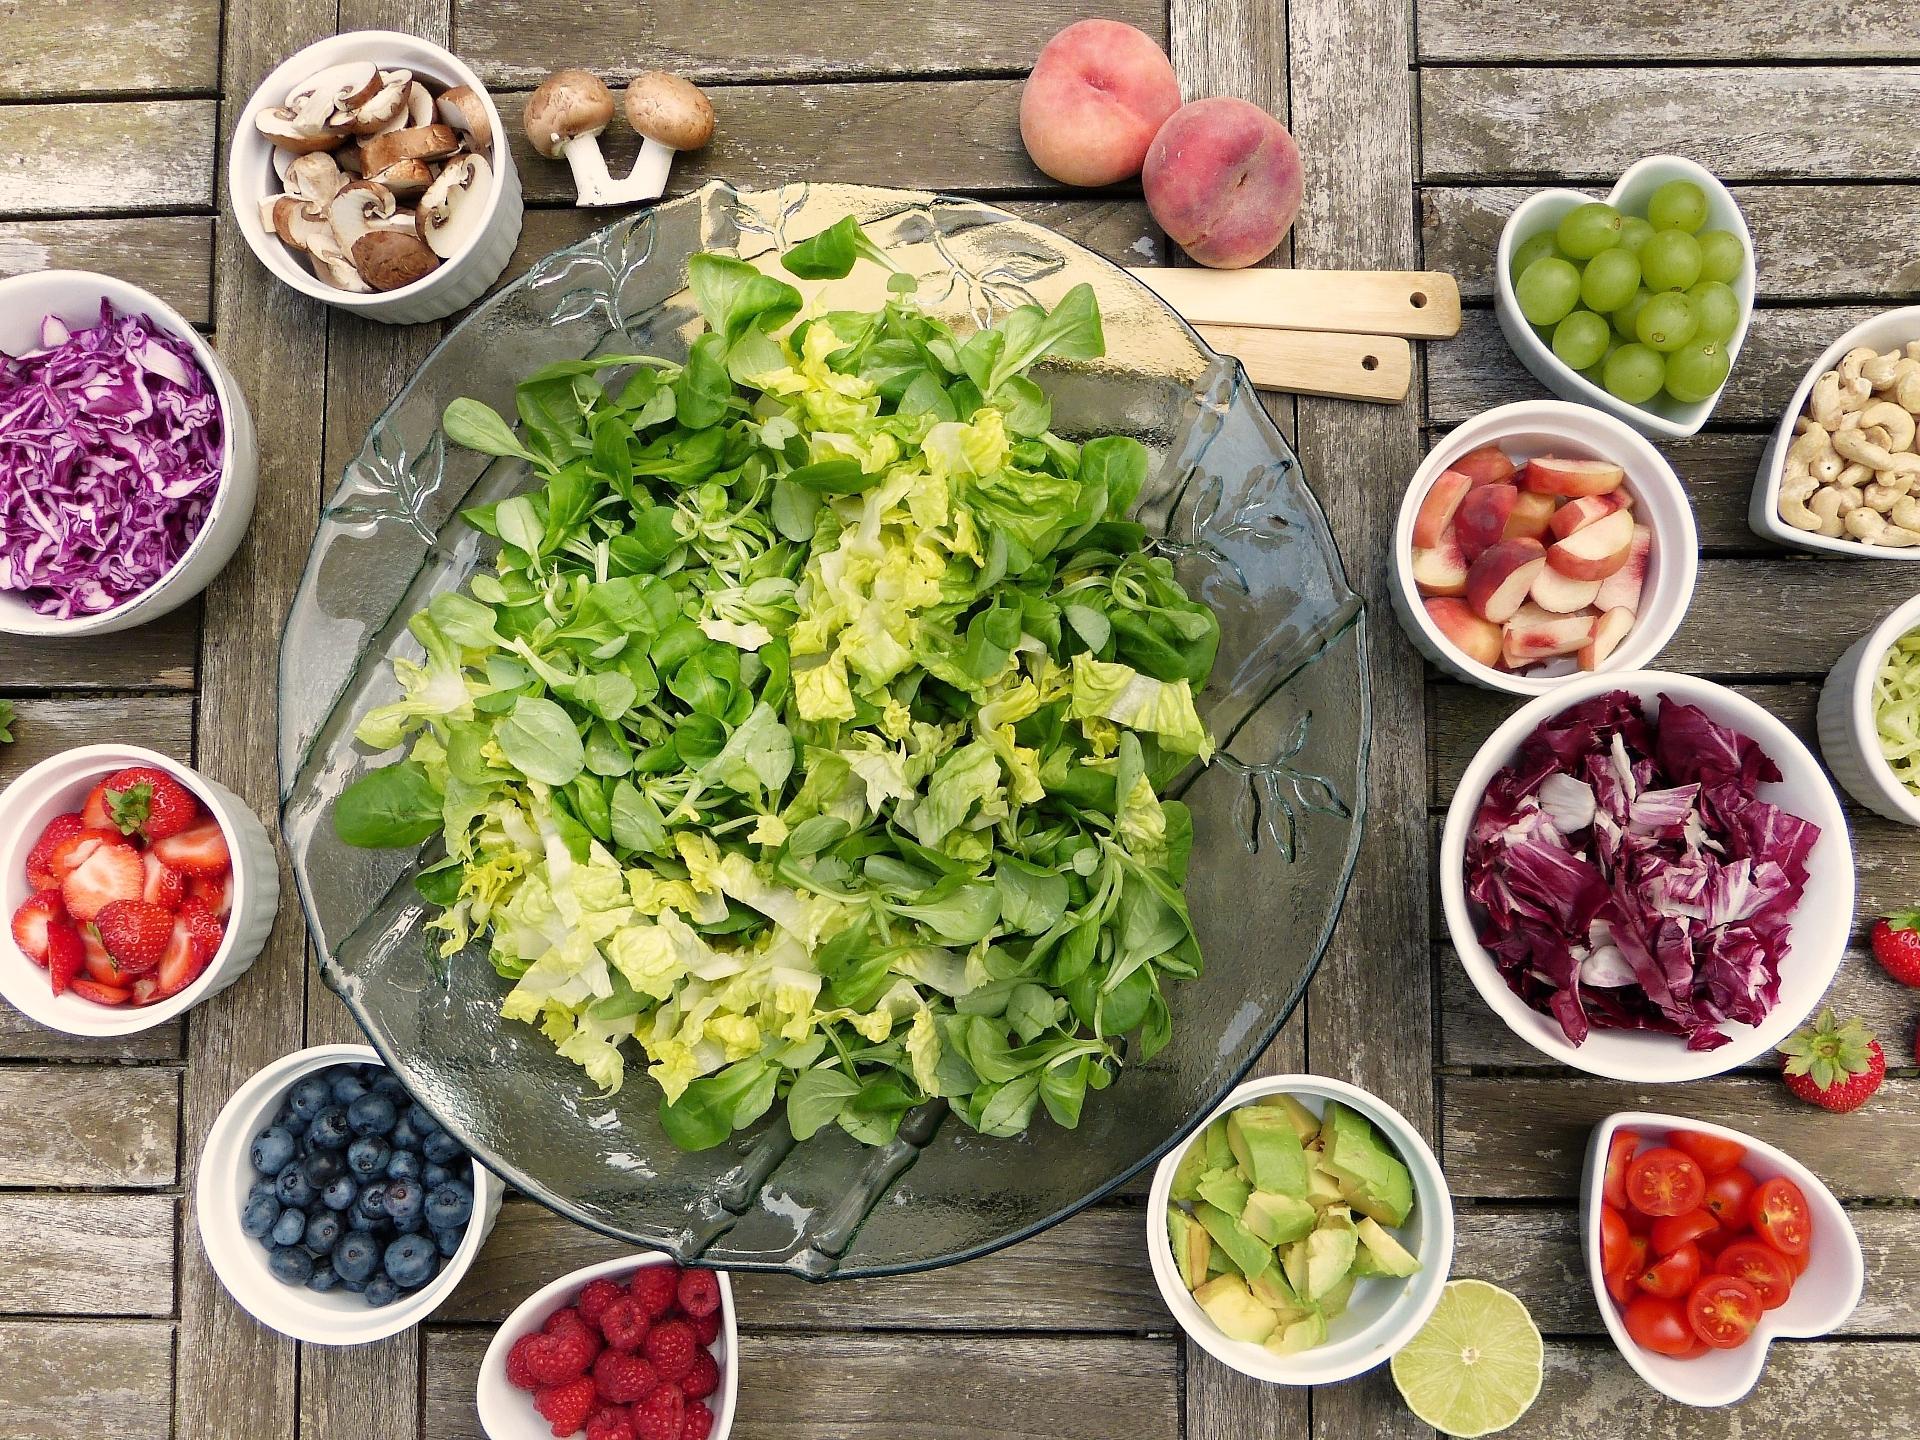 Sowohl grüner Salat, als auch Paradeiser und diverses Gemüse hat eine kühlende Wirkung. - Photocredit: pixabay.com/silviarita